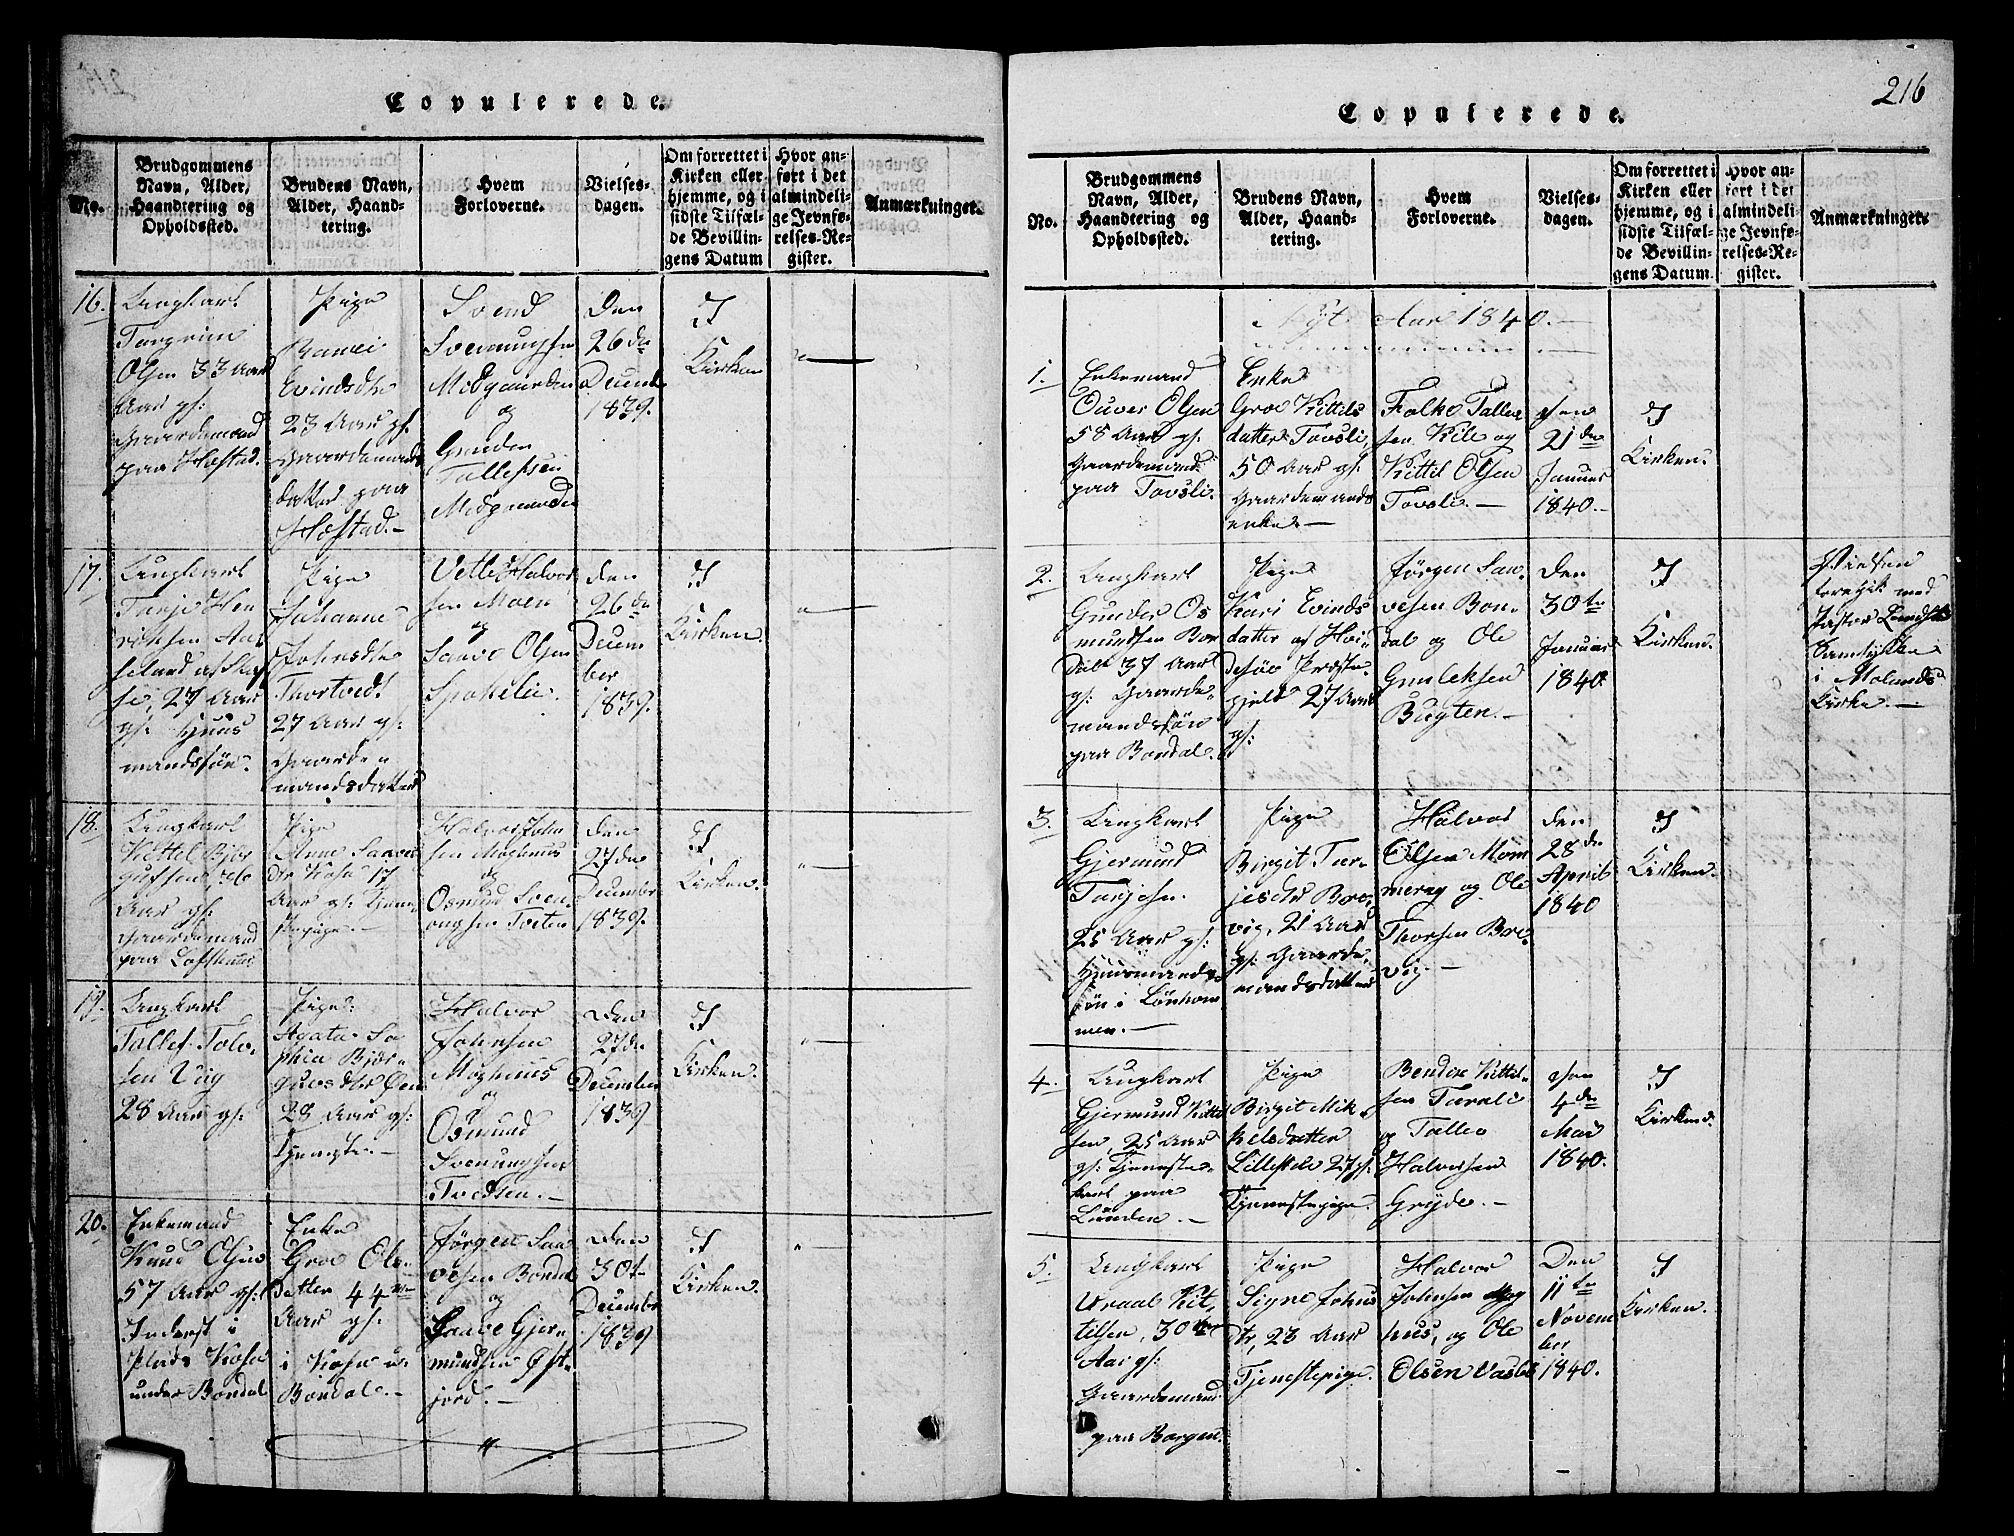 SAKO, Fyresdal kirkebøker, G/Ga/L0001: Klokkerbok nr. I 1, 1816-1840, s. 216